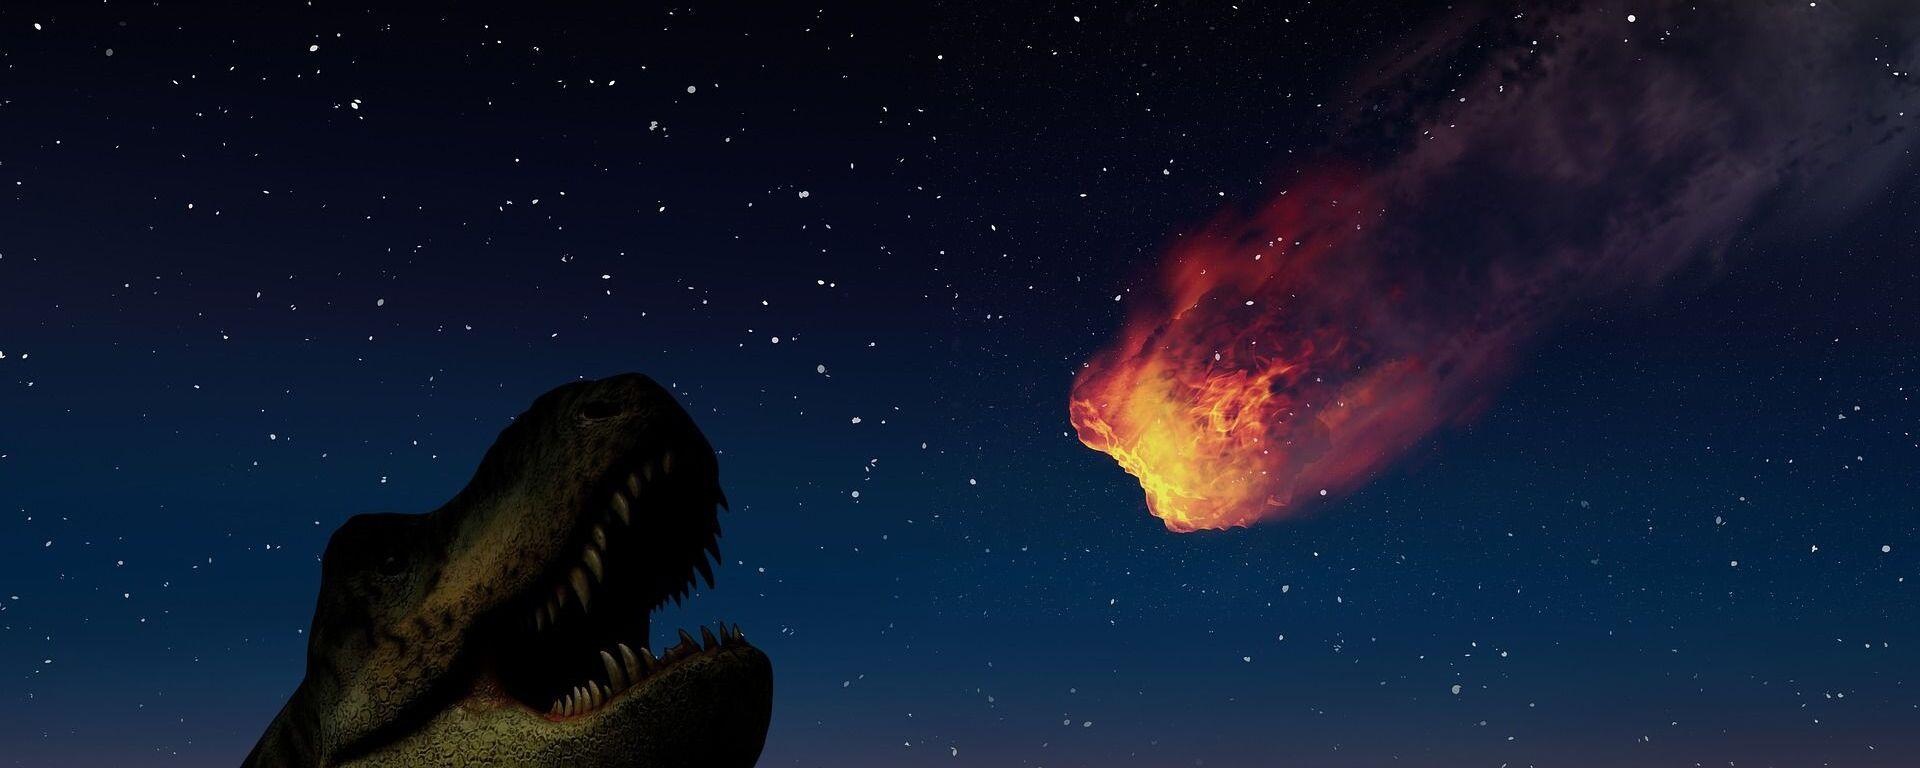 Иллюстрация астероида который предположительно уничтожил динозавров - Sputnik Таджикистан, 1920, 15.02.2021